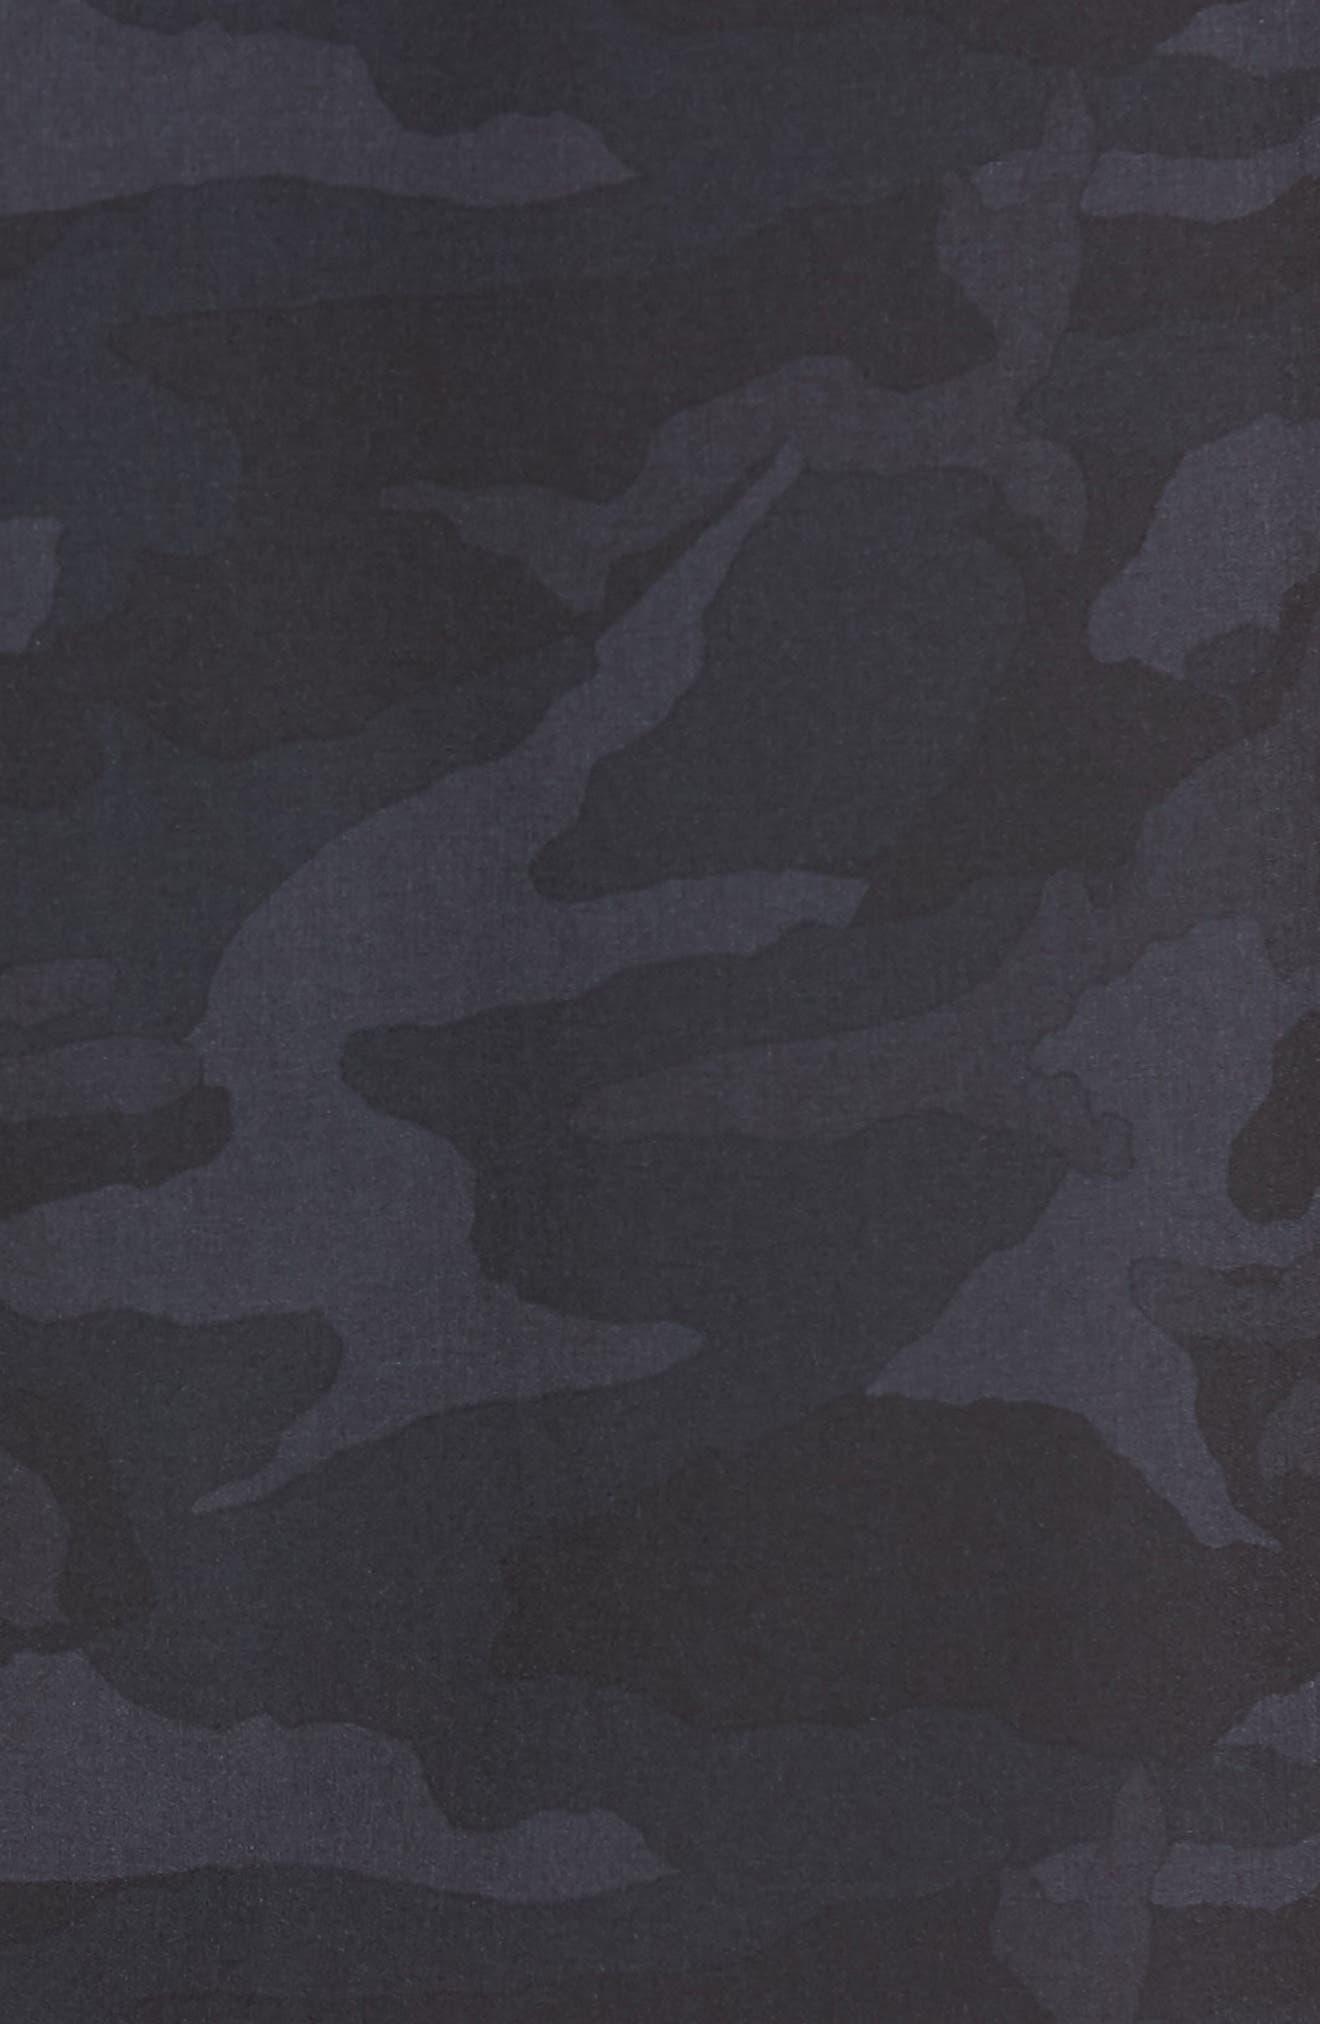 Kore Performance Shorts,                             Alternate thumbnail 6, color,                             Black Camo